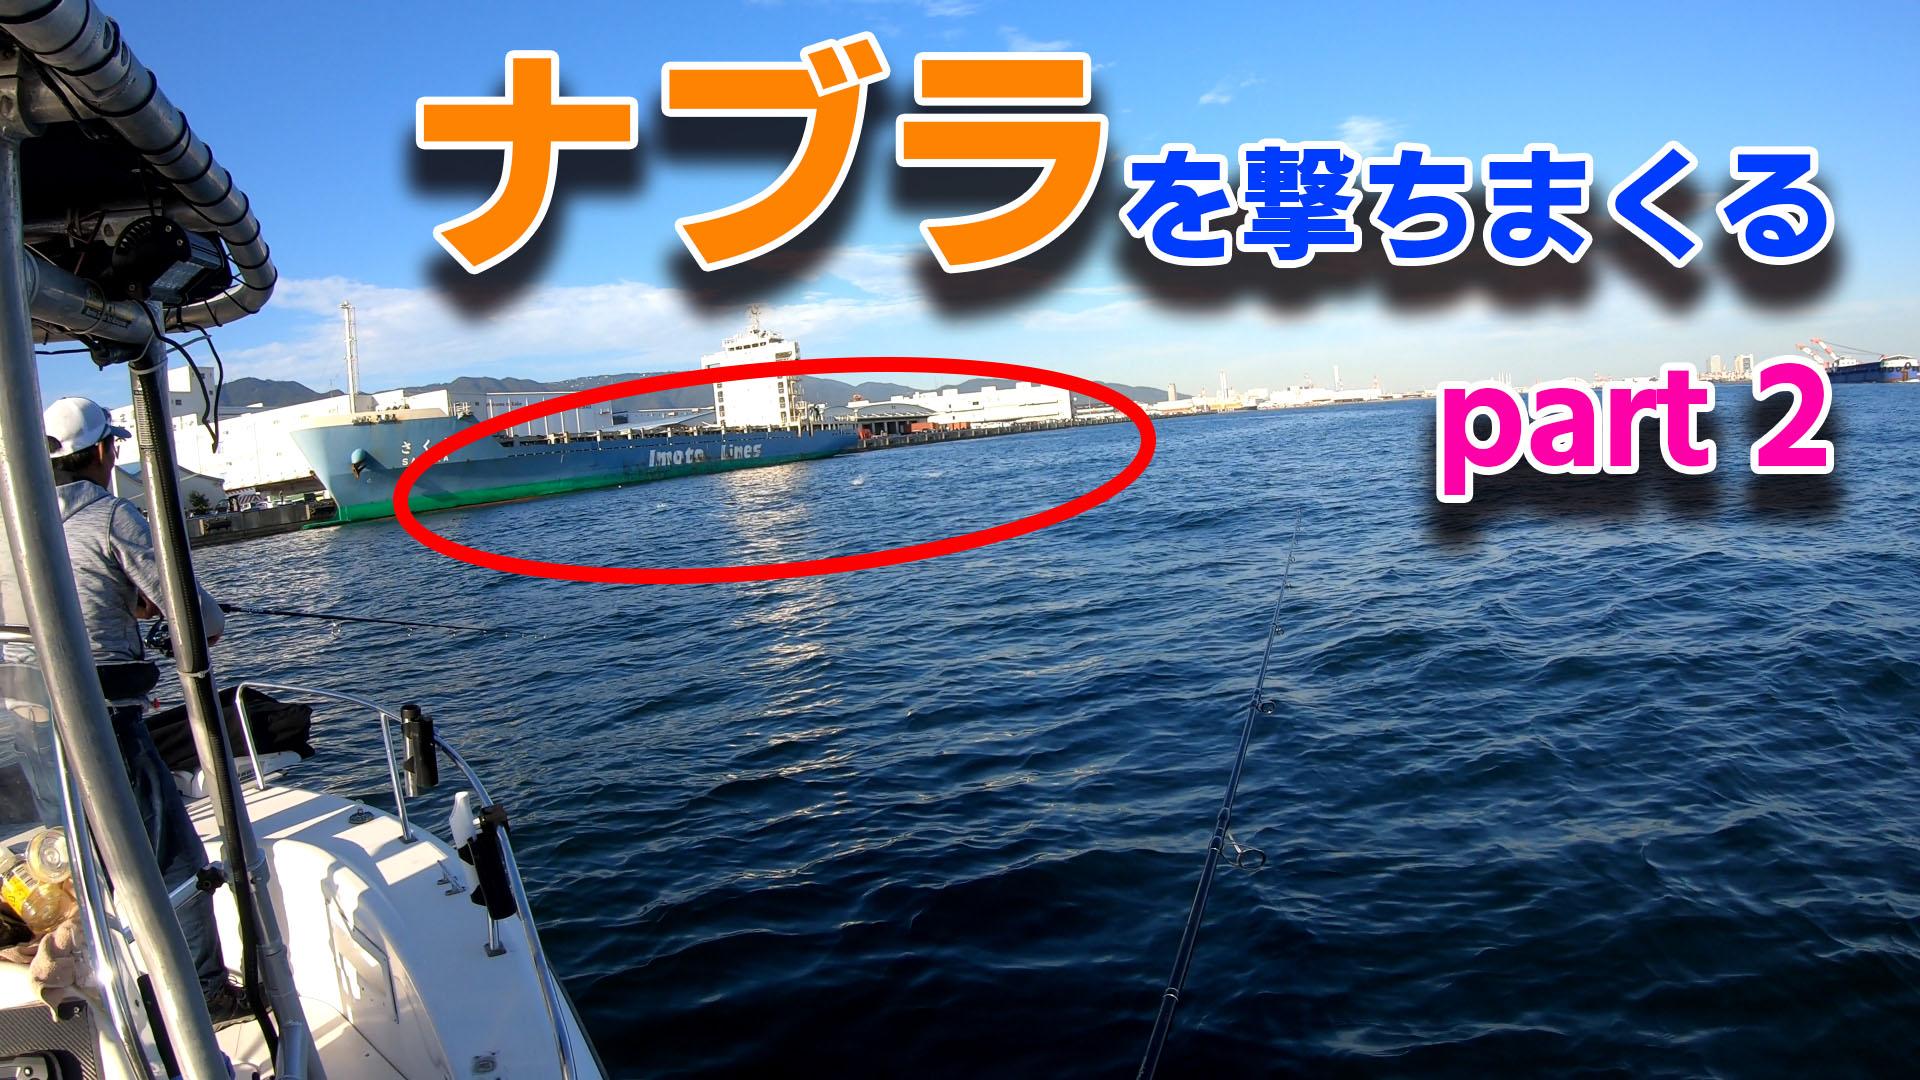 【神戸近海】青物ナブラが沸きまくった一日でしたのサムネイル